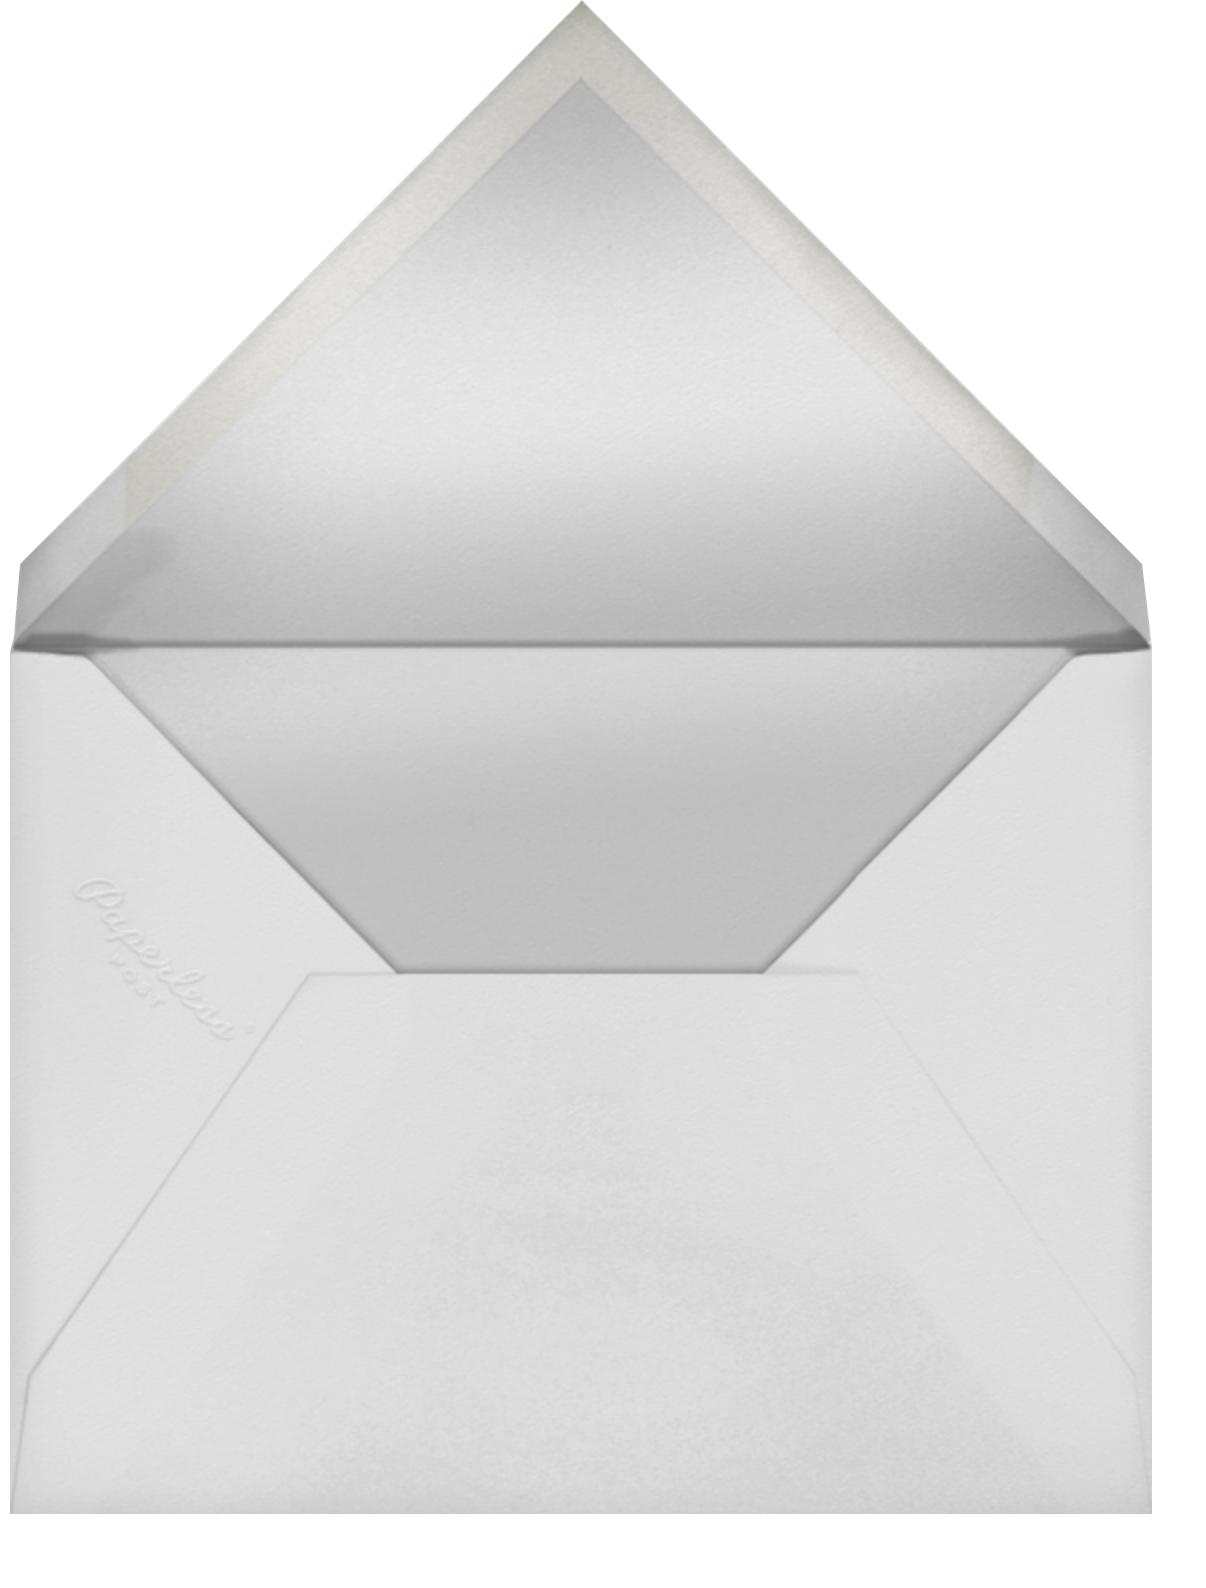 Savoy (Menu) - Gold - Paperless Post - Menus - envelope back